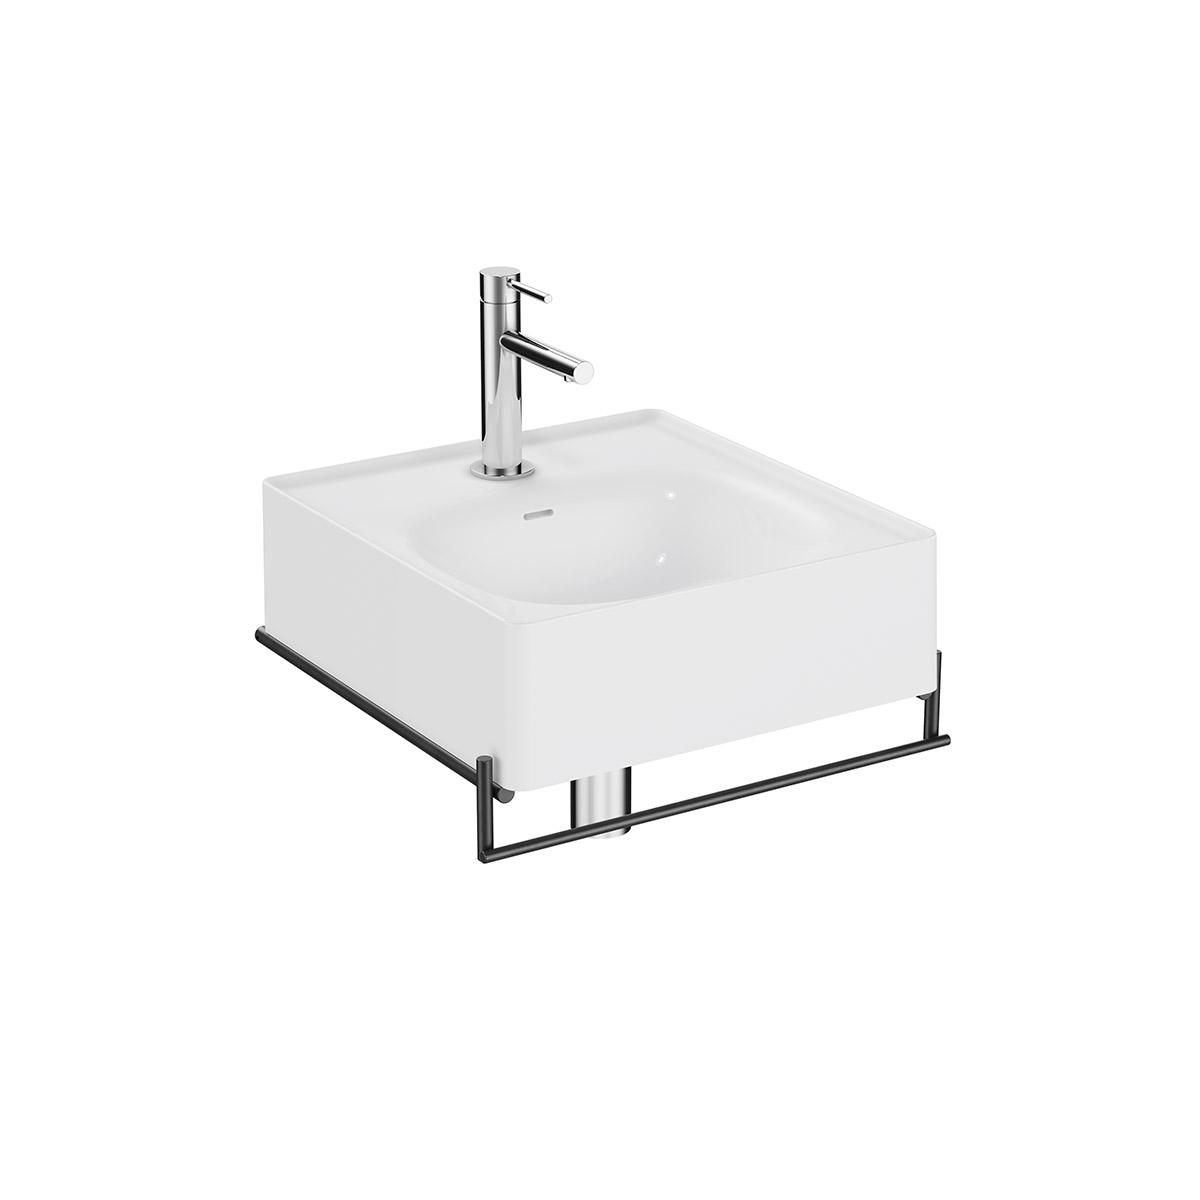 Equal Set Handwaschbecken, 43 cm, mit Handtuchhalter, Weiß Hochglanz/Schwarz Matt